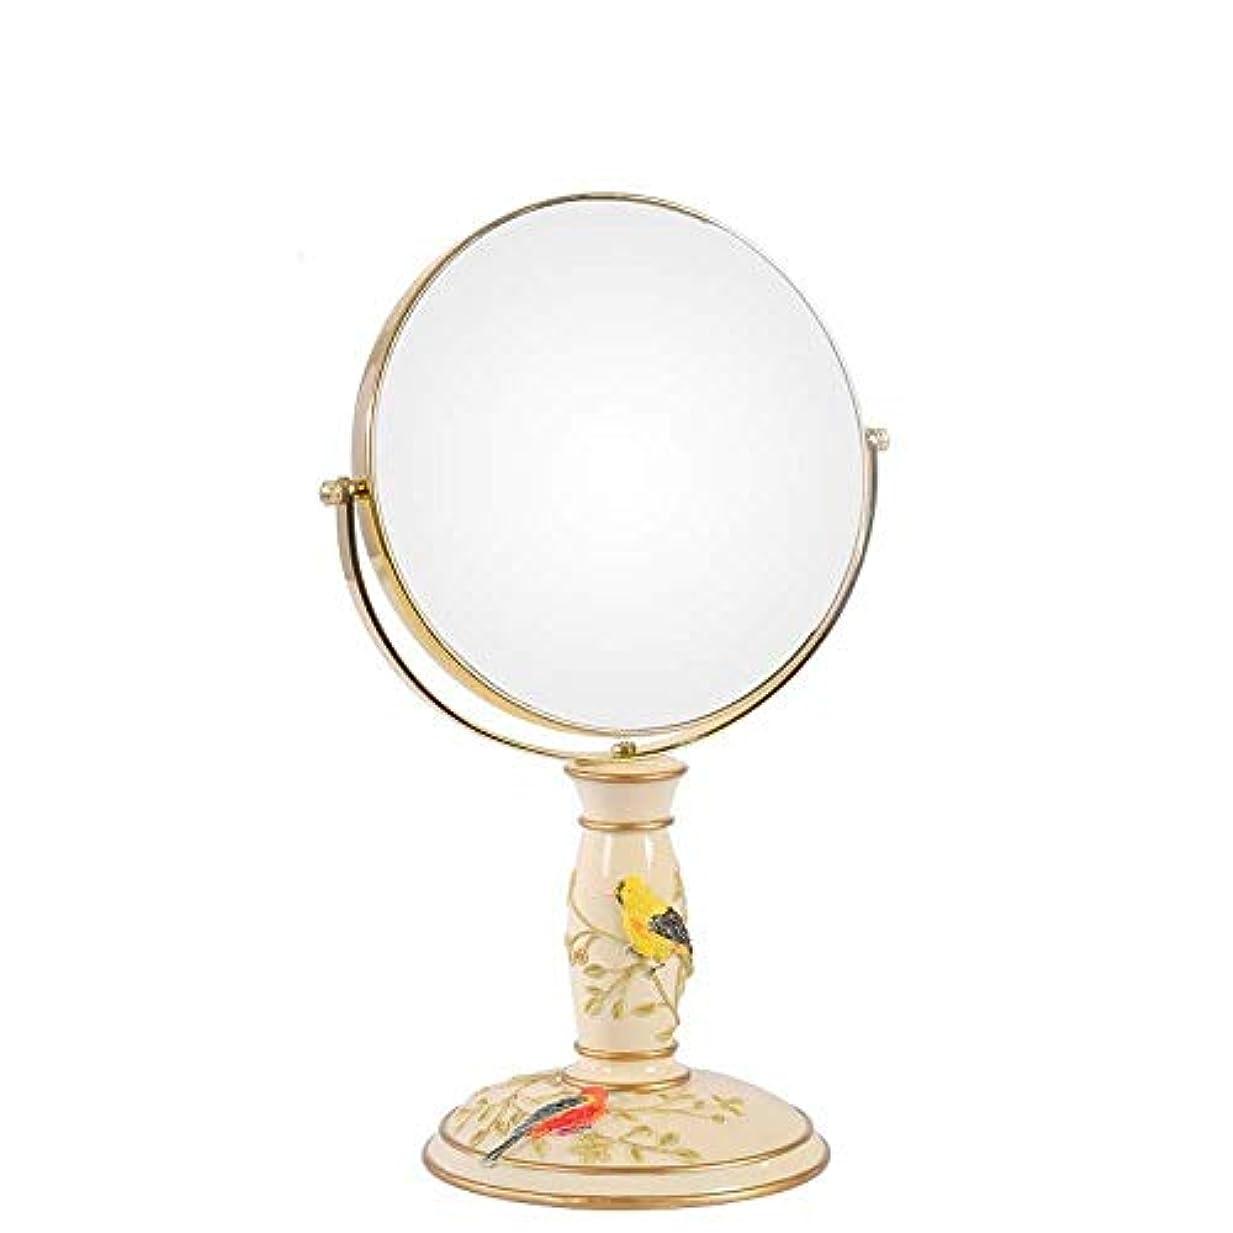 ポータル割り当てる患者流行の ビンテージ化粧鏡、鏡360°回転スタンド、倍率1倍、3倍、ラウンドダブル両面回転化粧鏡